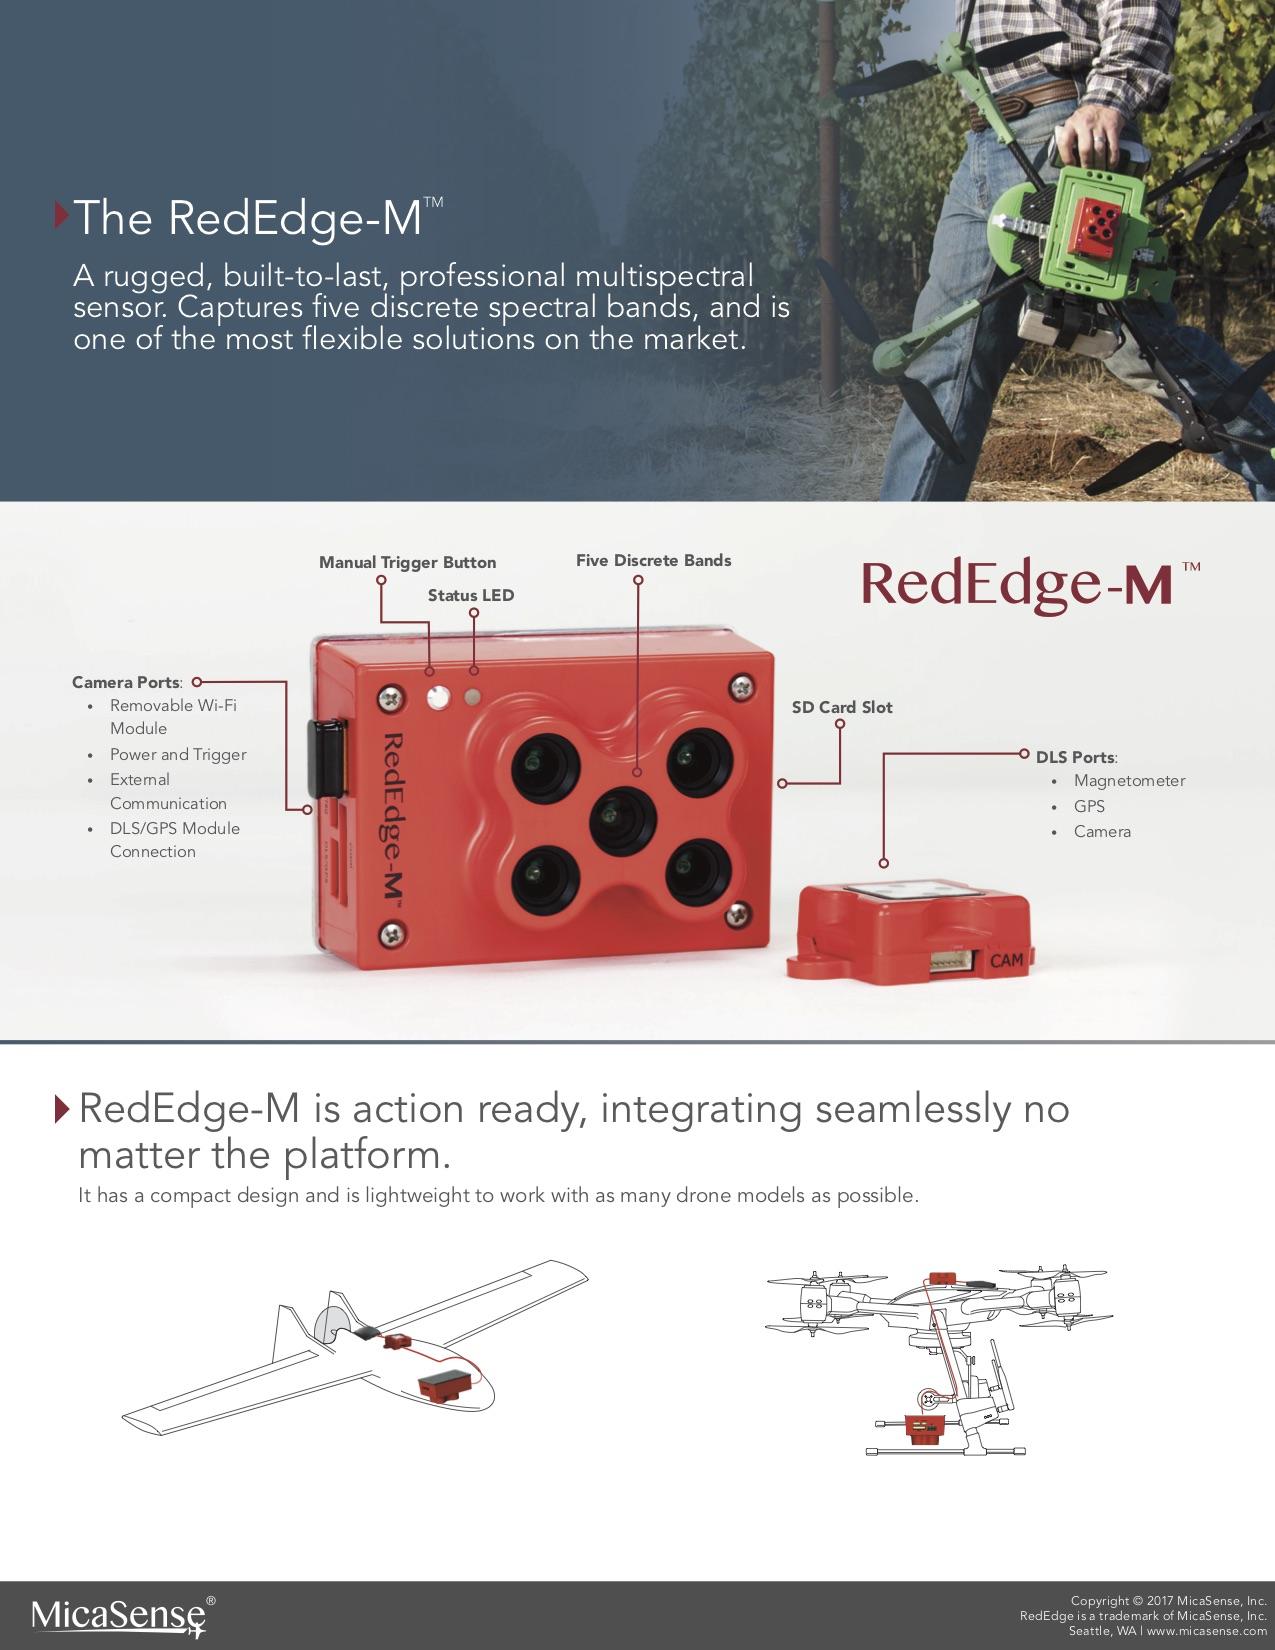 RedEdge-M